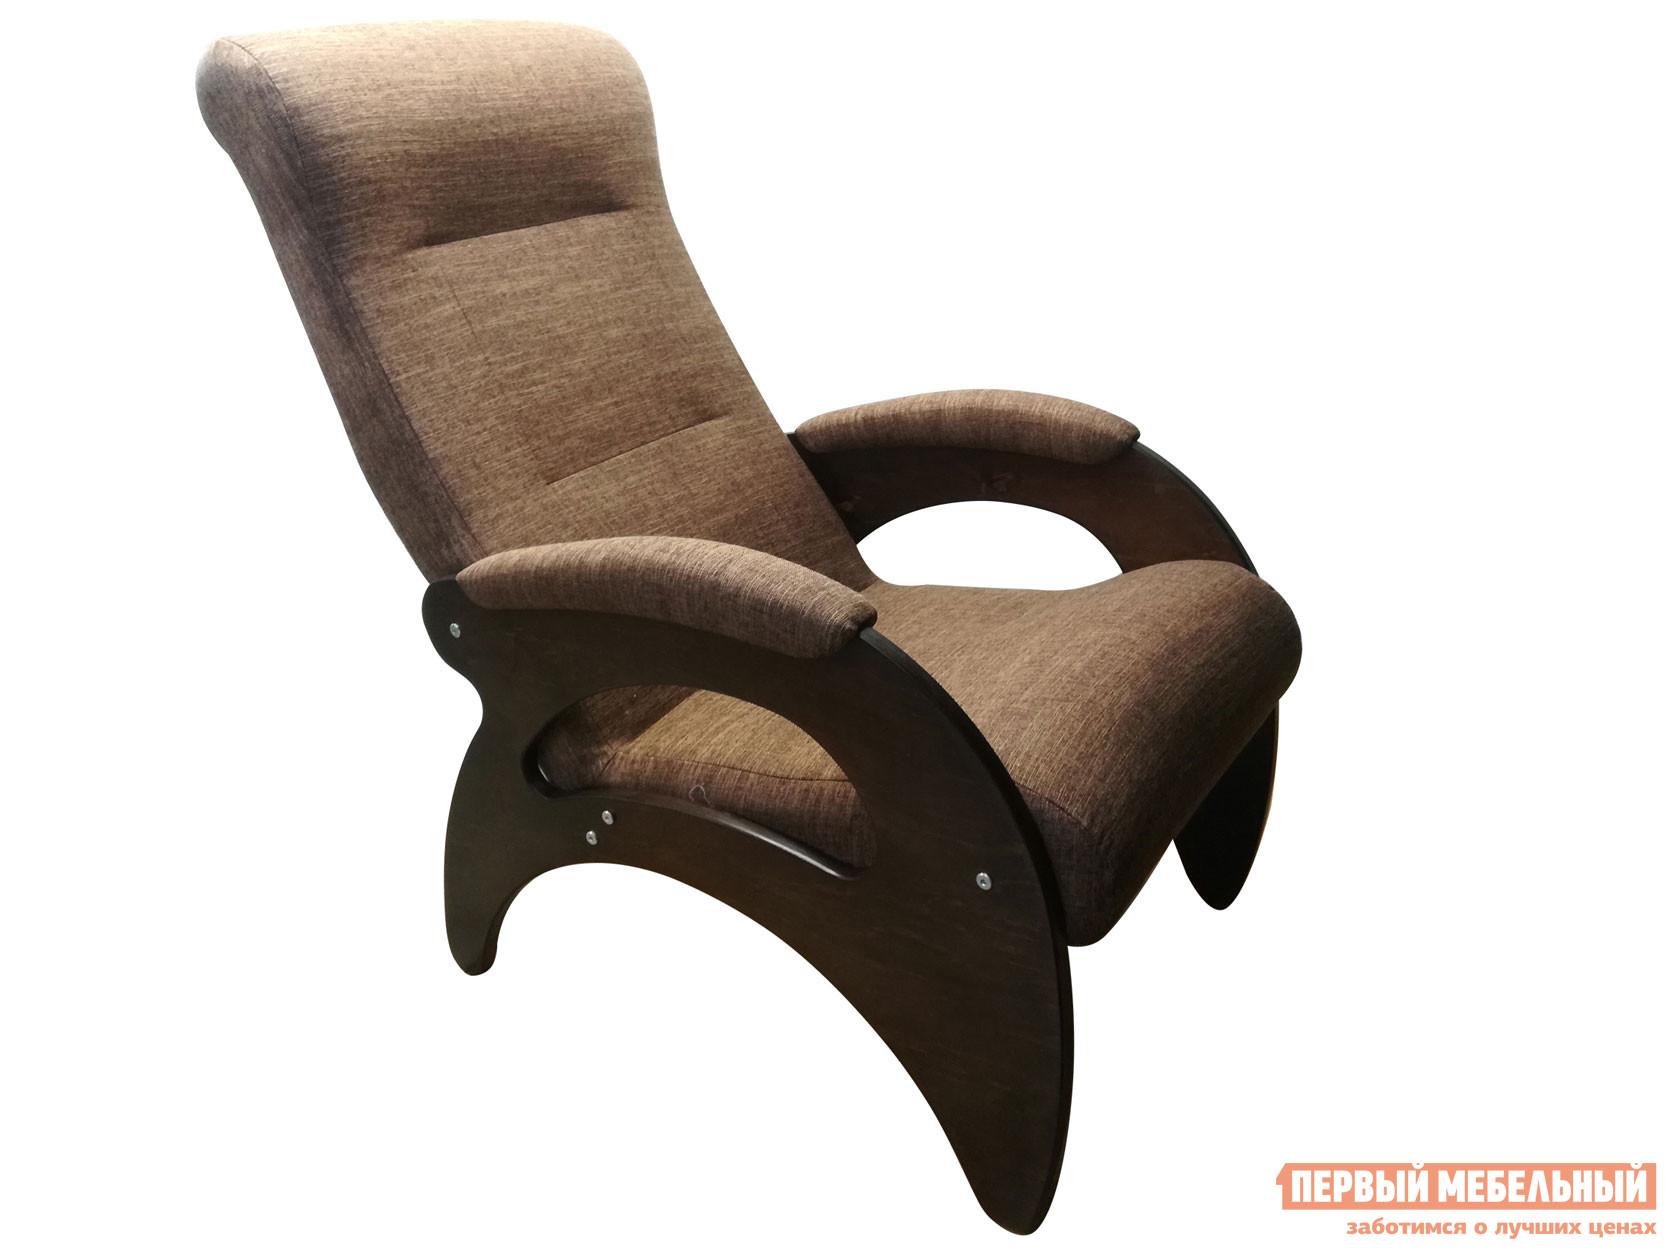 Кресло  Мария Темно-коричневый, рогожка / Темный орех Мебвилл 110513